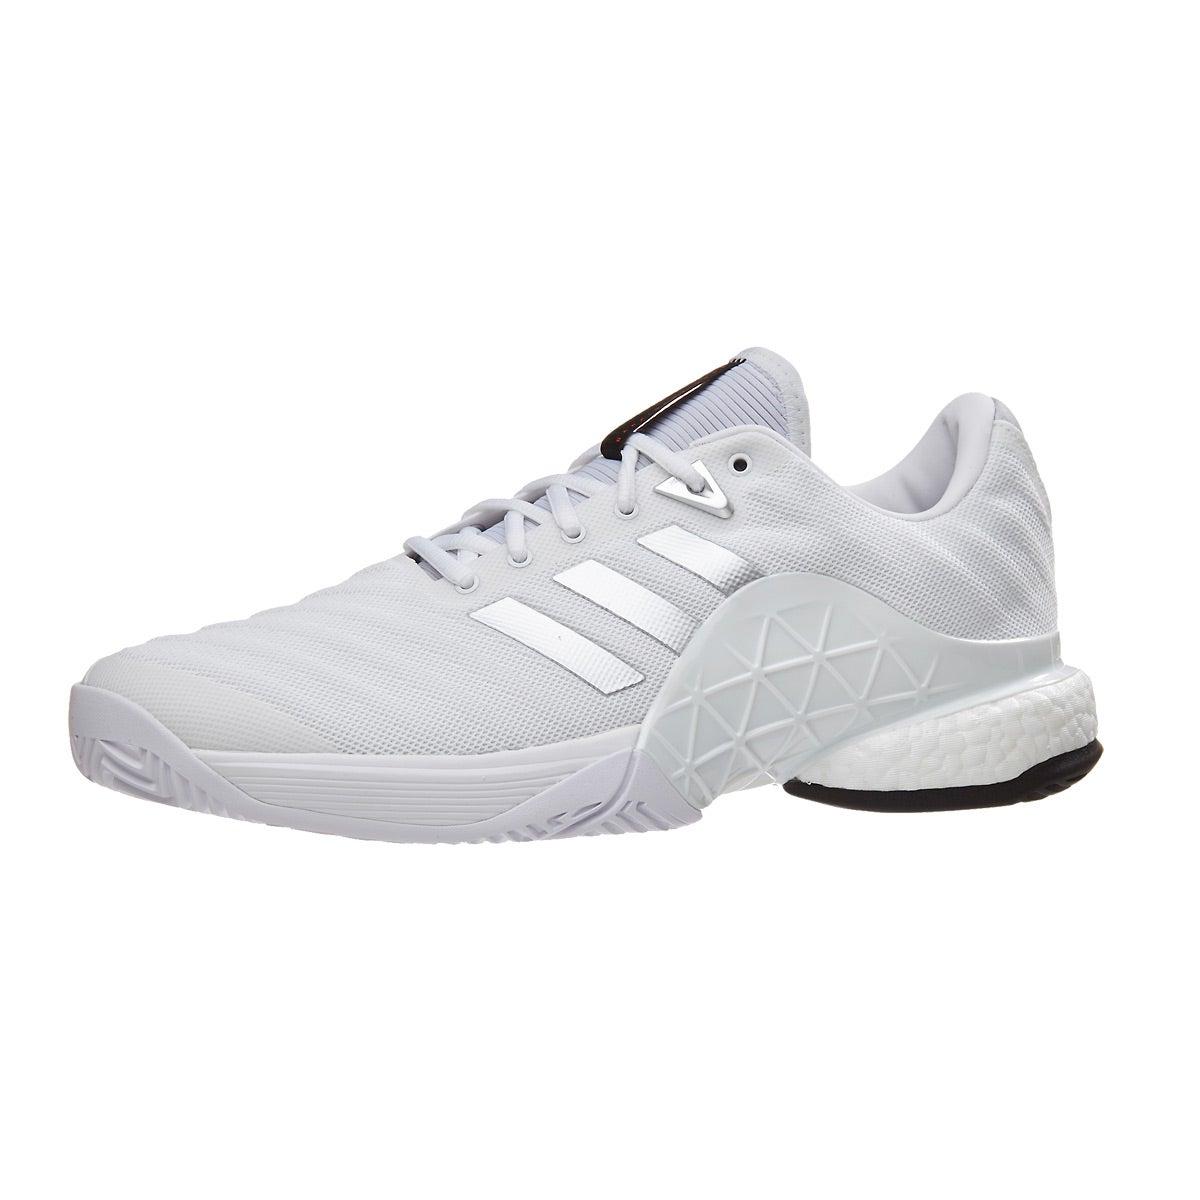 adidas barricata 18 impulso bianco / argento delle scarpe maschili 360 ° vista